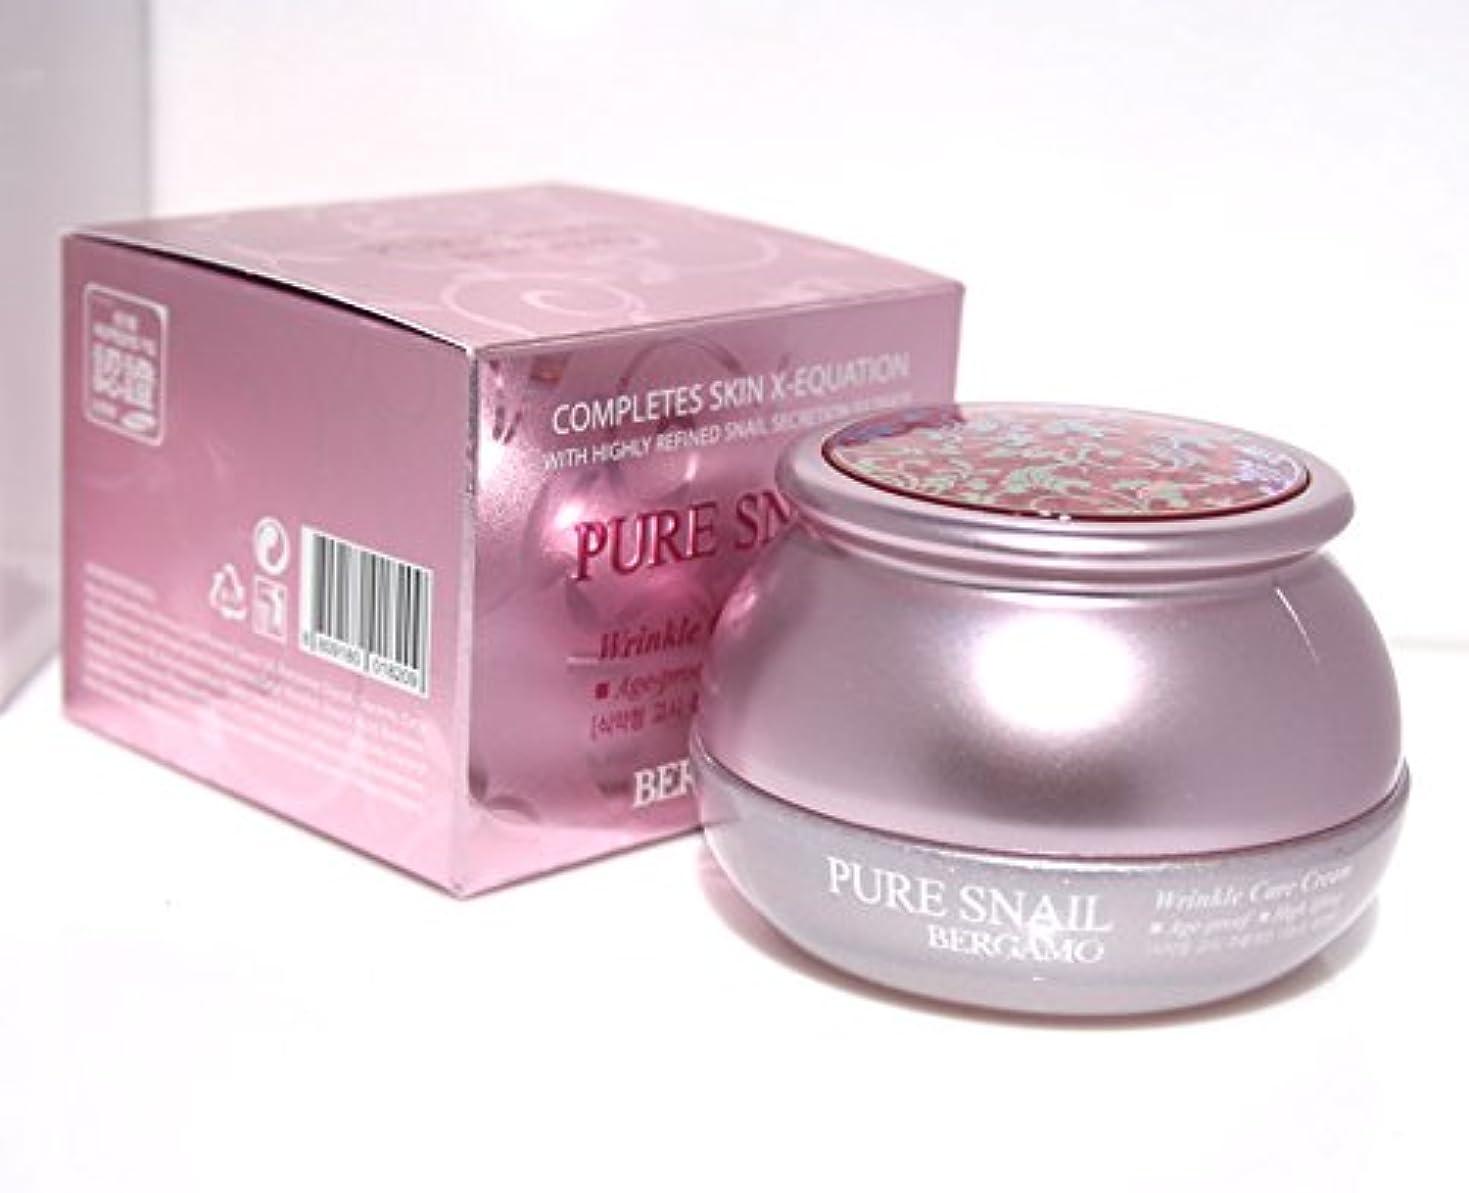 指定午後一貫した【ベルガモ][Bergamo] ピュアカタツムリリンクルケア保湿クリーム50g / Pure Snail Wrinkle Care Moisturizing Cream 50g / 年齢証明、絶頂リフティング / age...